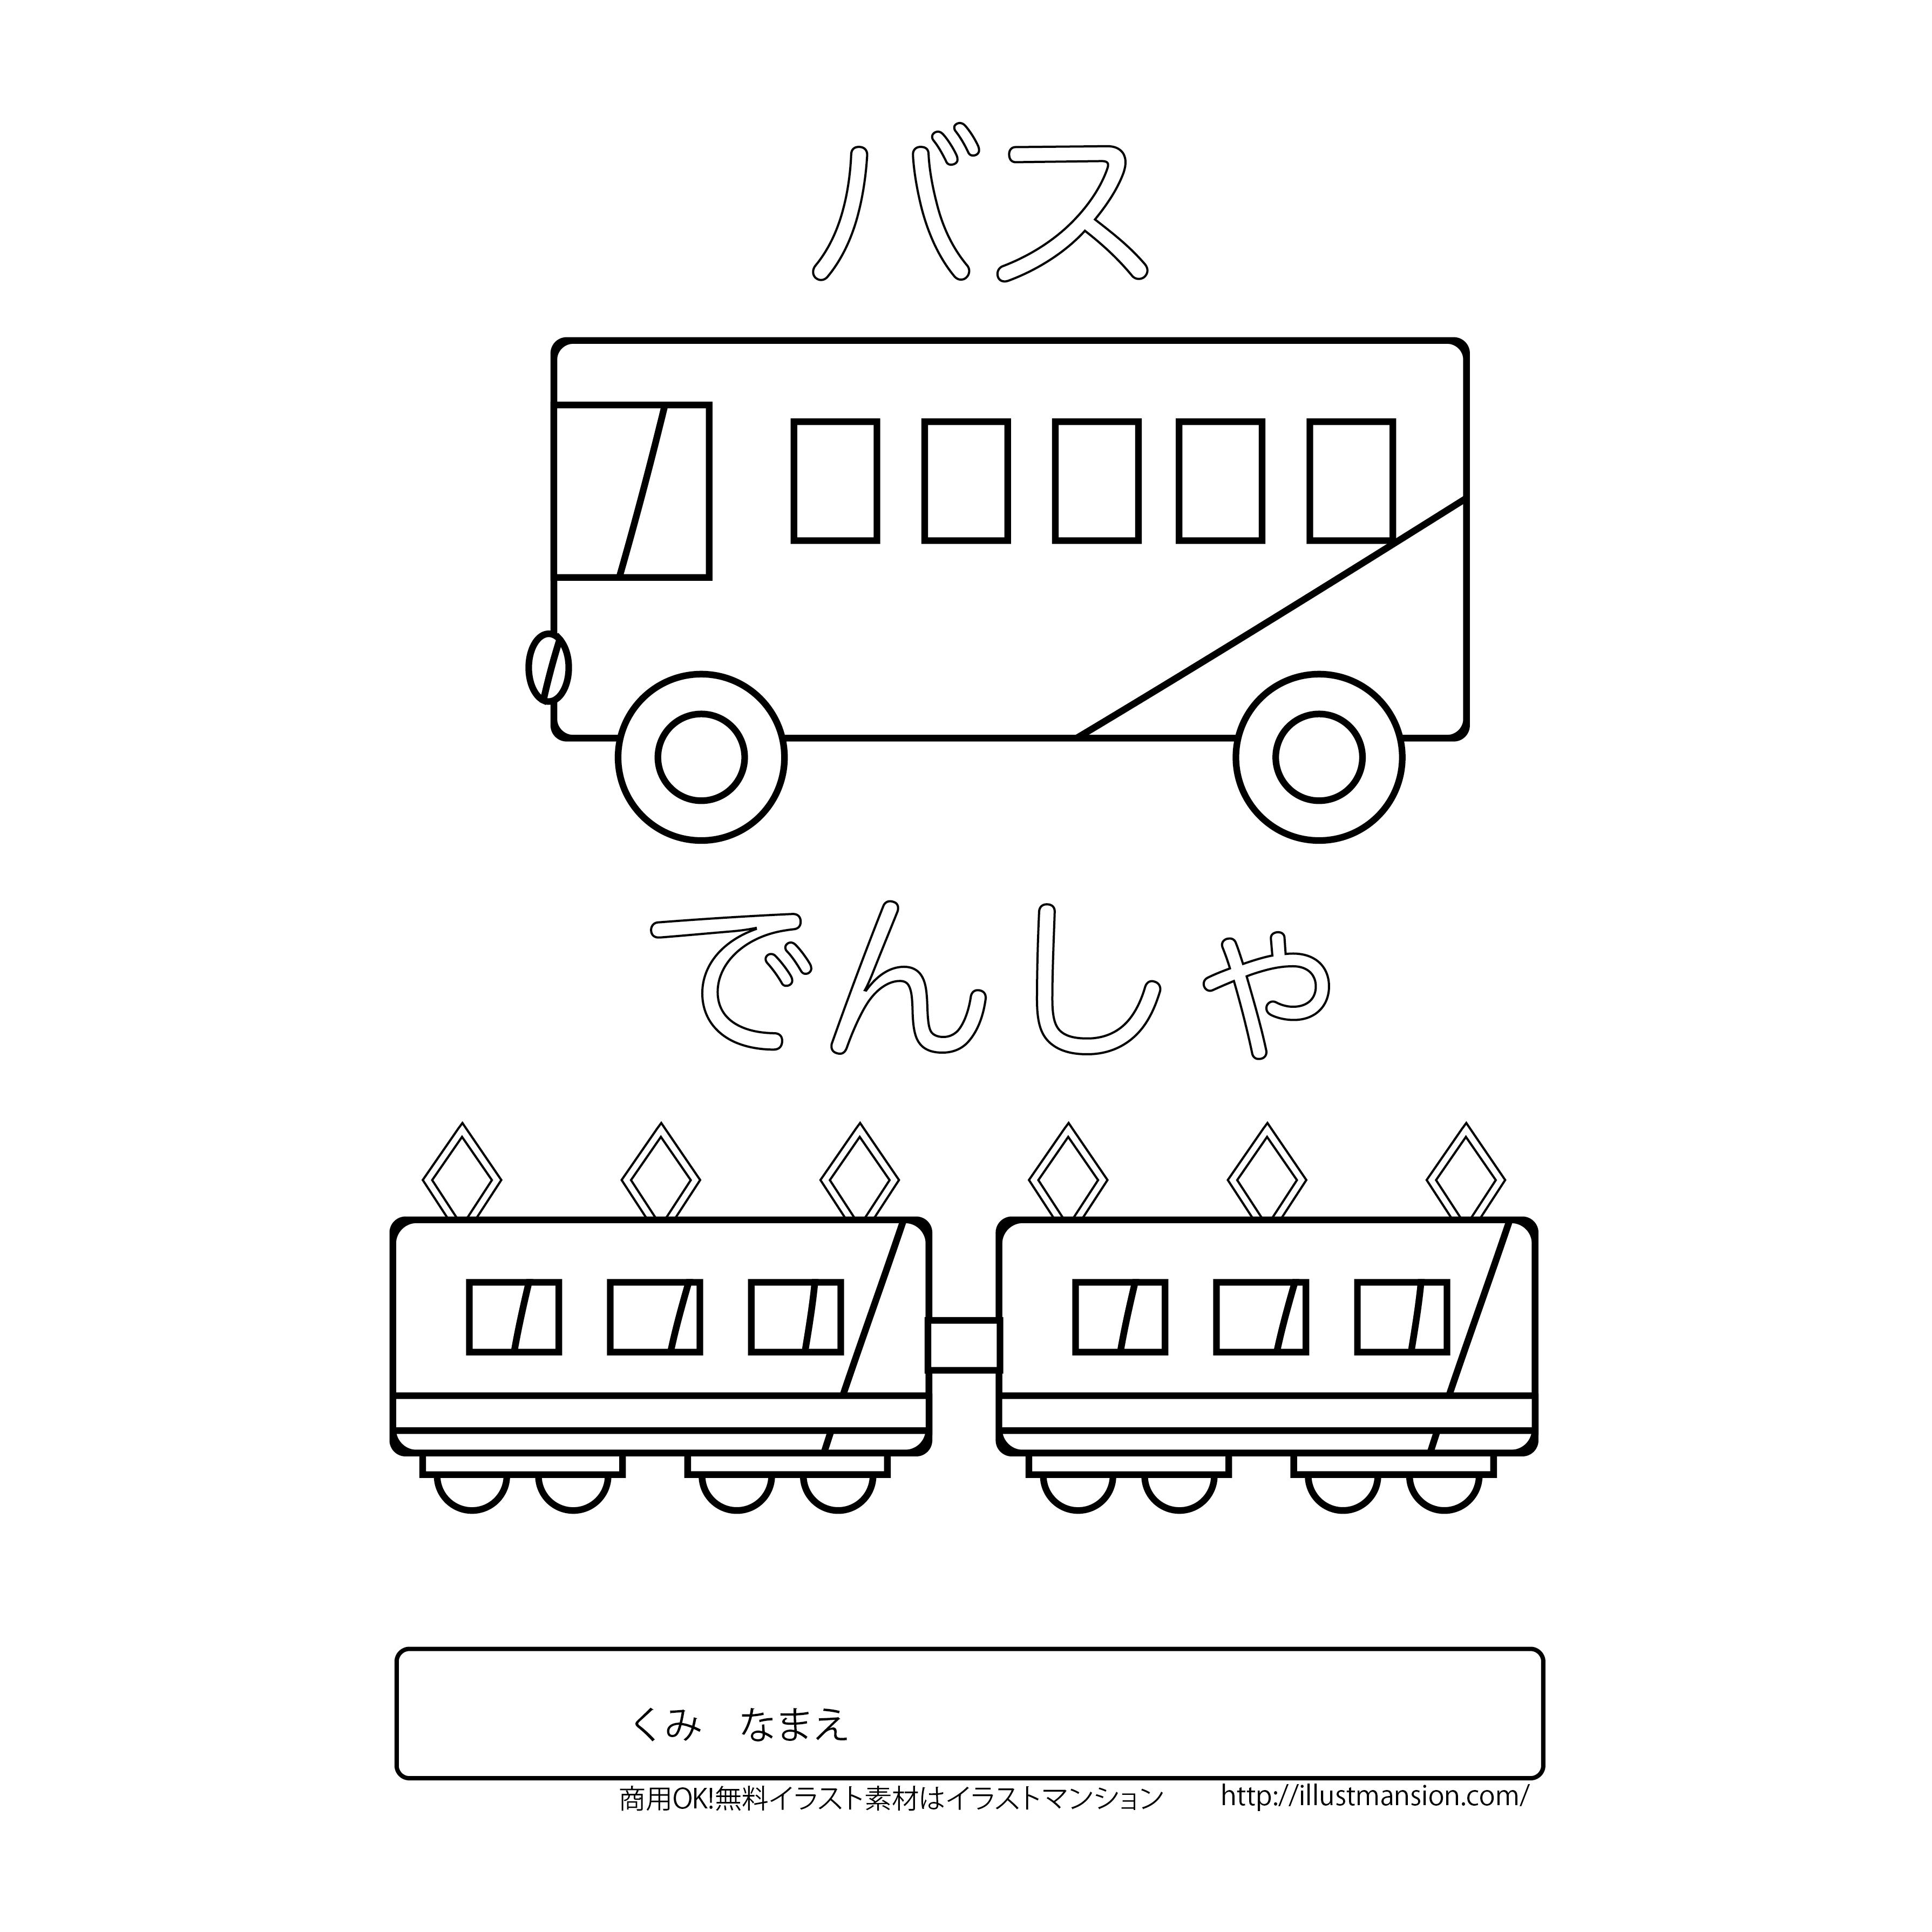 バスと電車のぬりえ イラスト 商用フリー無料のイラスト素材なら